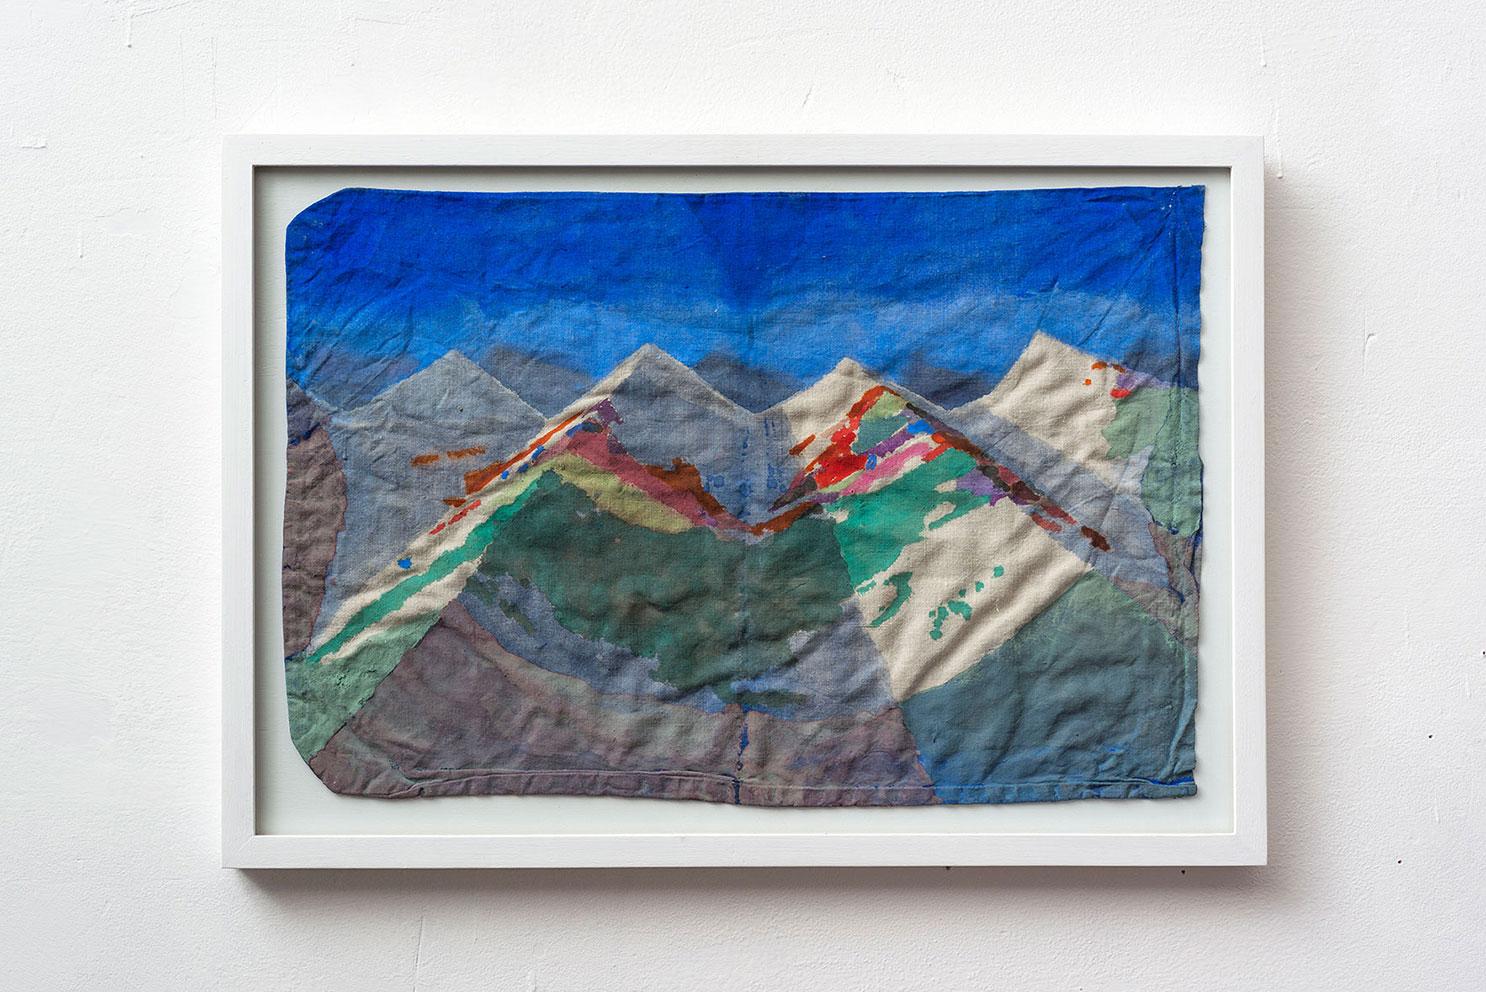 1_cartography_6a-montagne-ii-frontale-2014-pigmenti-su-tela-di-lino-incorniciato-sotto-vetro-45-x-643-cm